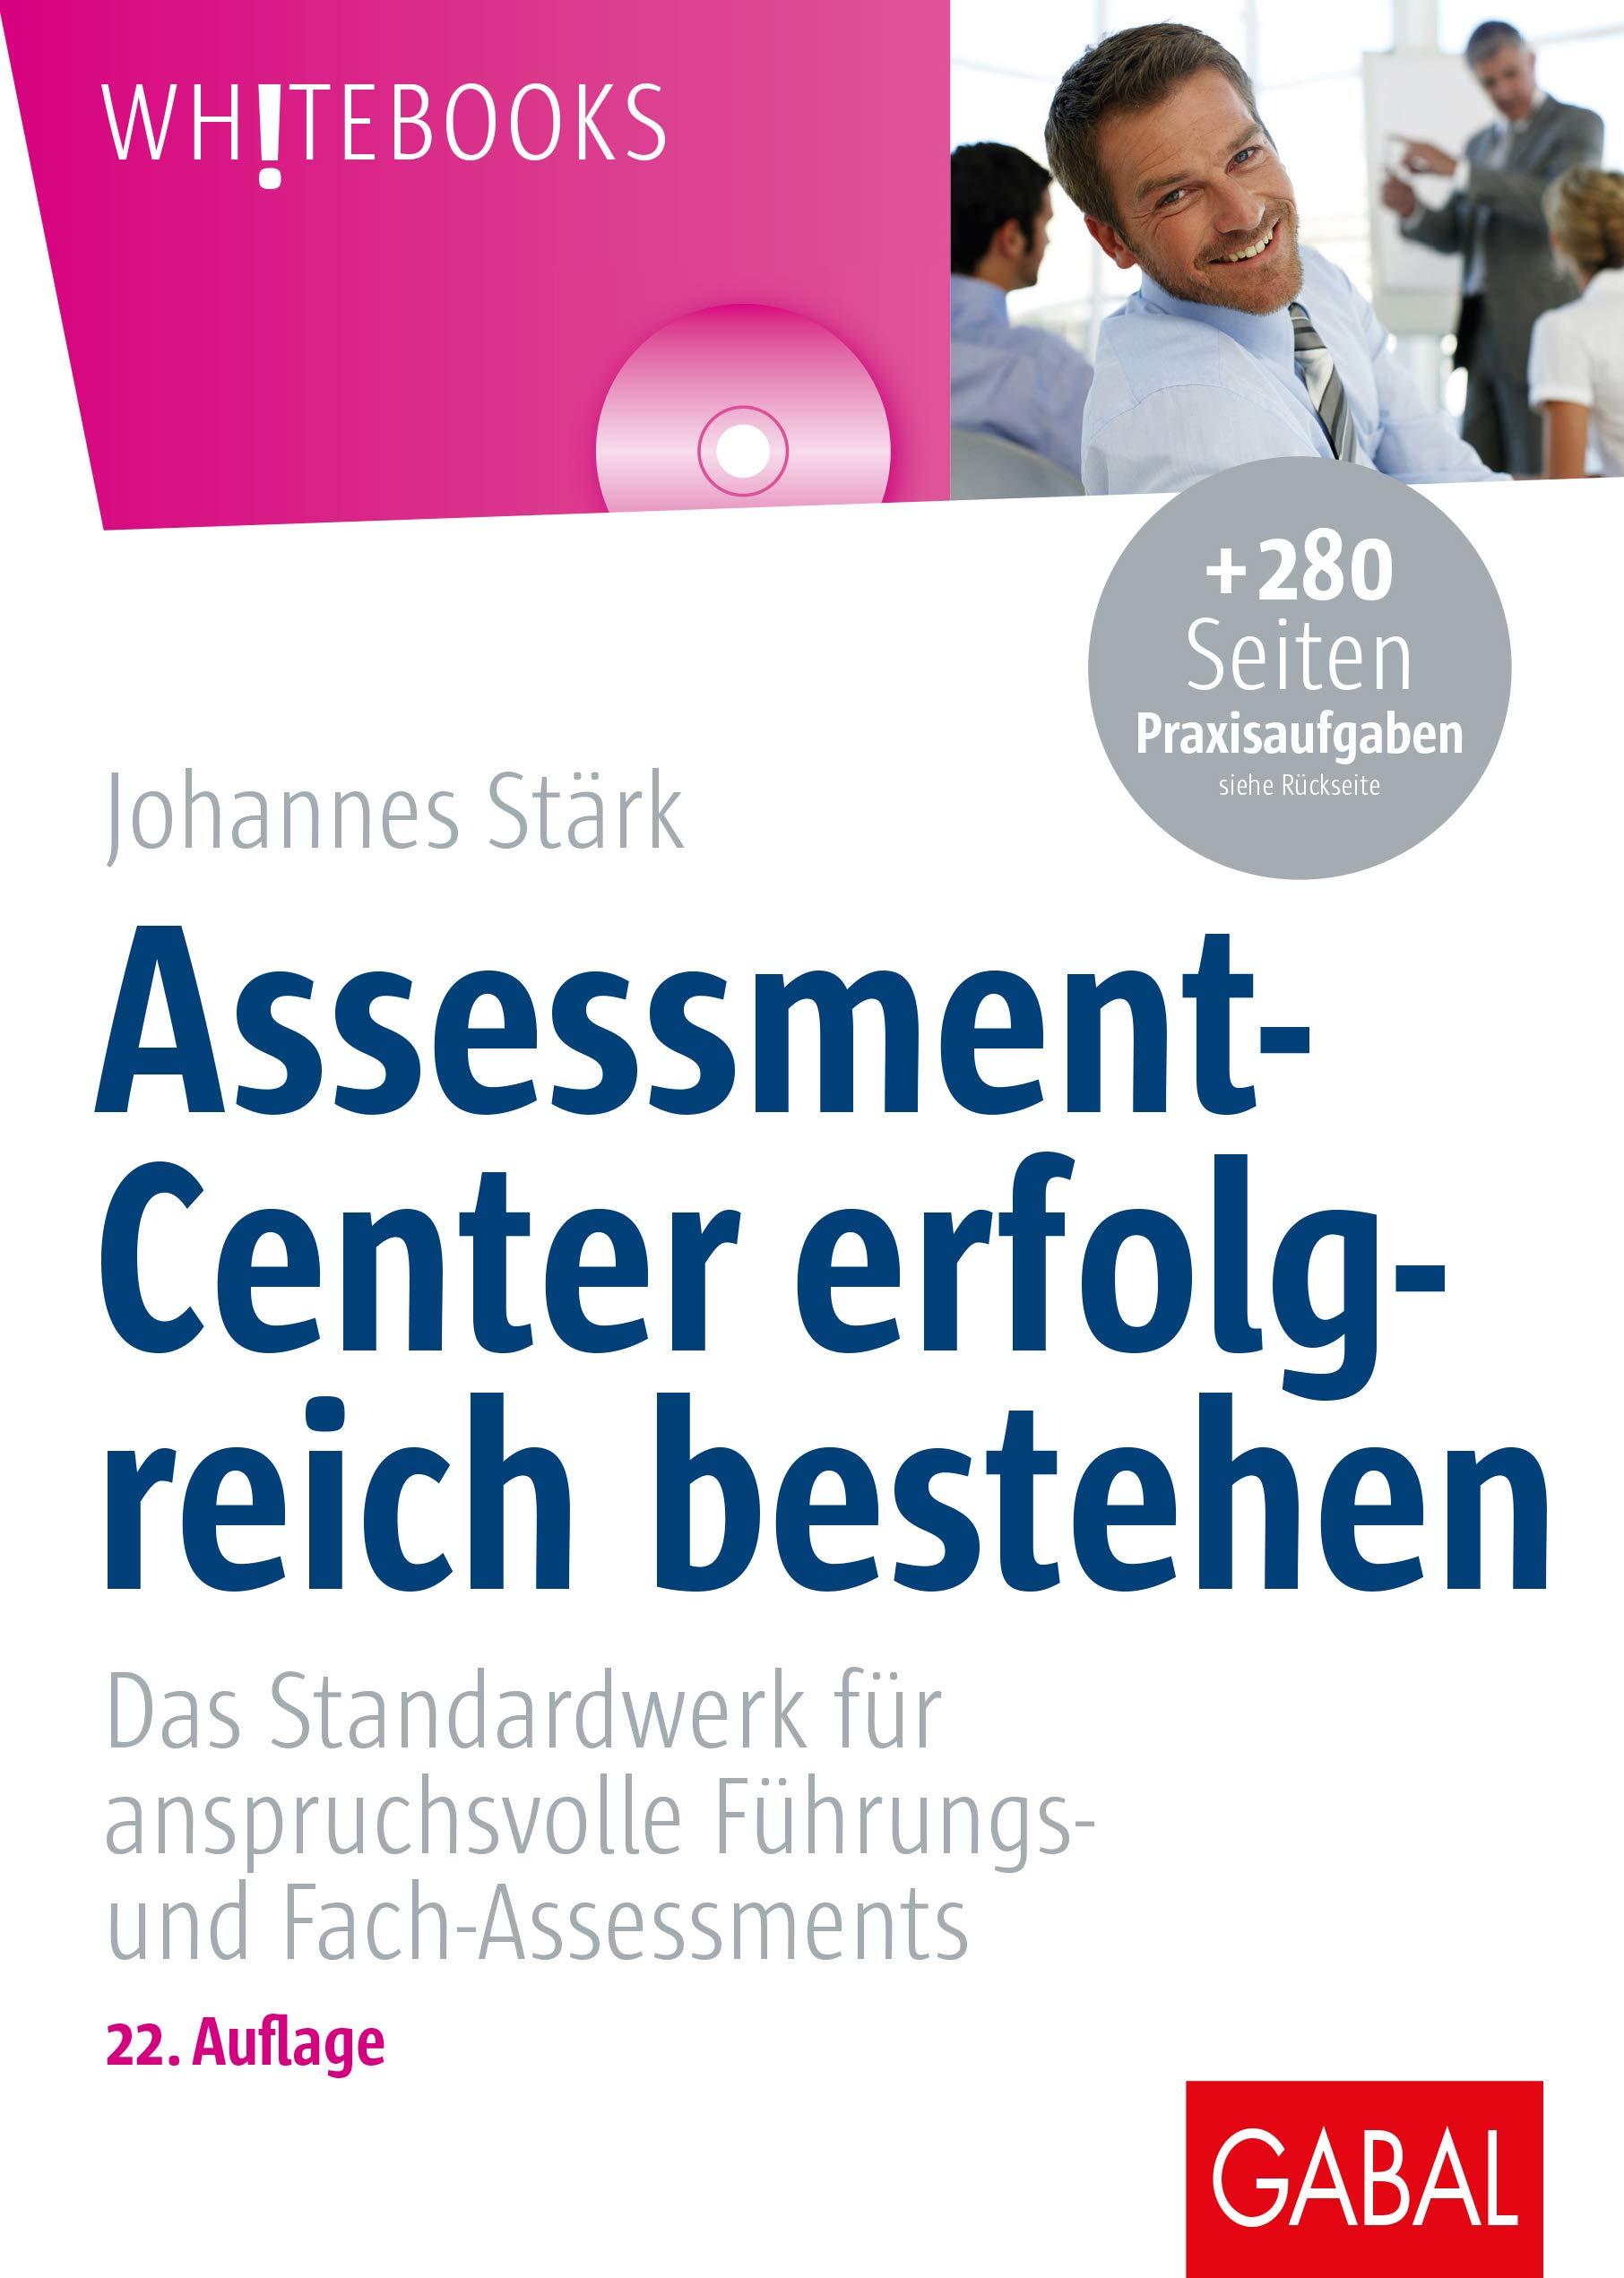 Assessment Center Erfolgreich Bestehen  Das Standardwerk Für Anspruchsvolle Führungs  Und Fach Assessments